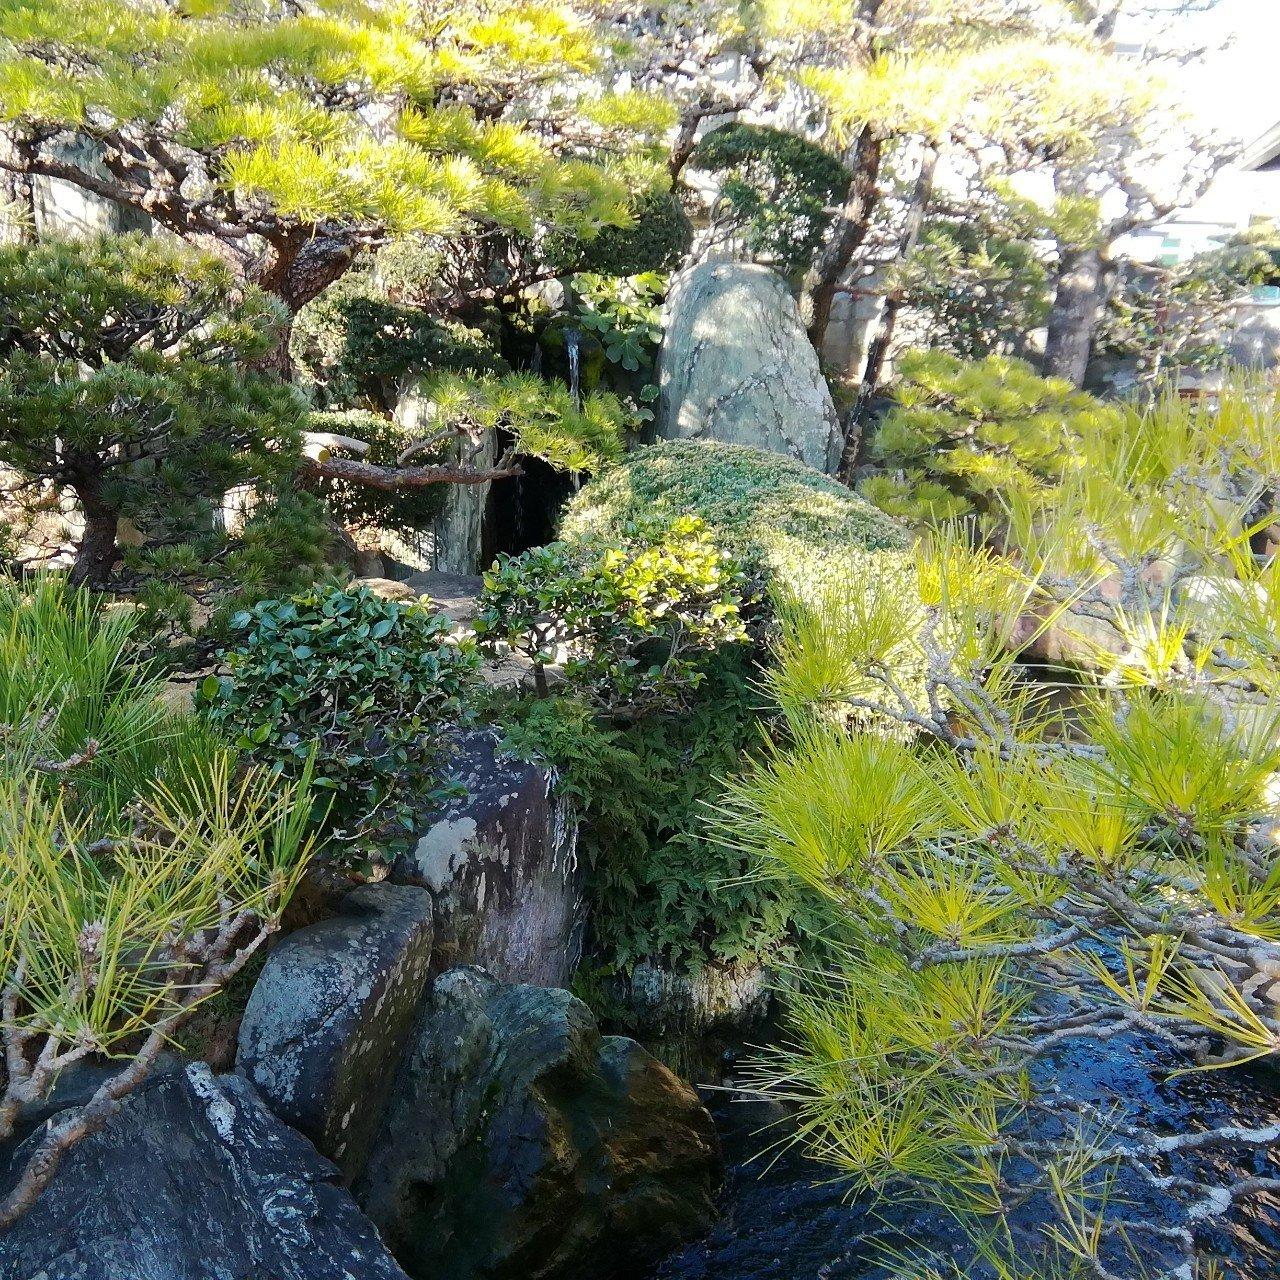 庭園割烹旅館 鶴亀壮(ていえんかっぽうりょかんつるかめそう)/✿四季の彩り 日本の心!/いなさマップ「B」のイメージその3